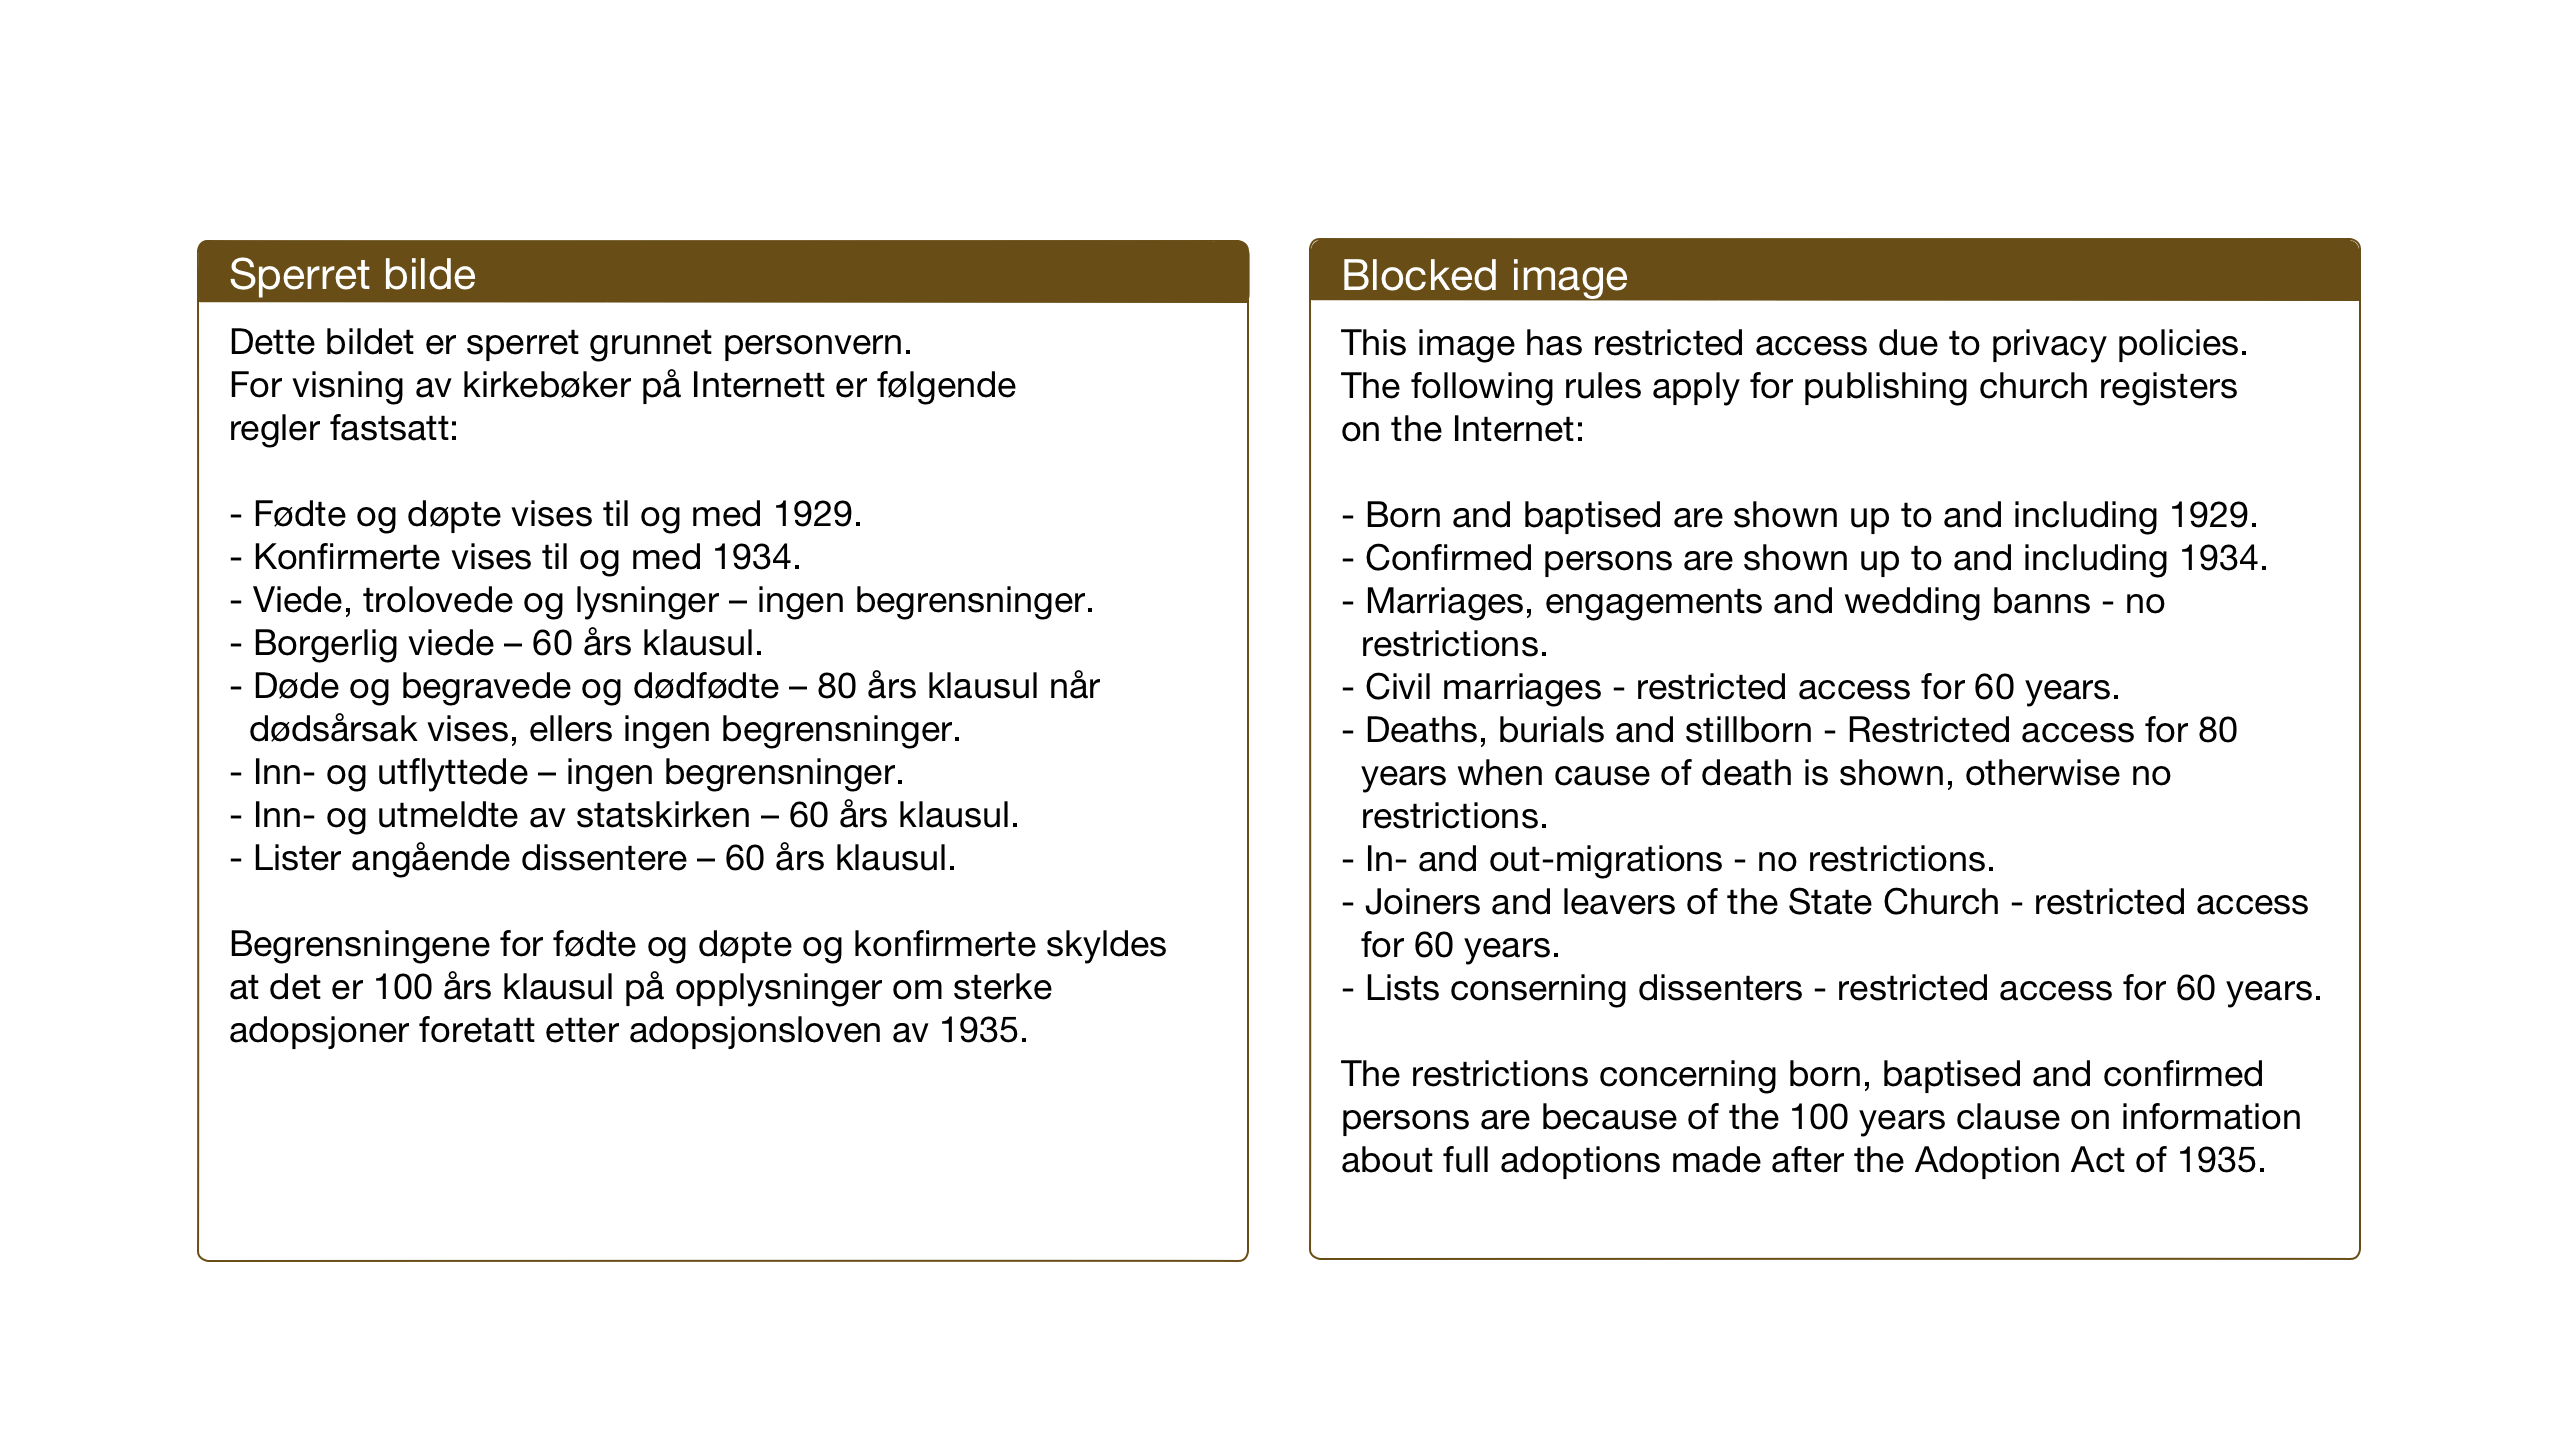 SAT, Ministerialprotokoller, klokkerbøker og fødselsregistre - Sør-Trøndelag, 693/L1124: Klokkerbok nr. 693C05, 1911-1941, s. 60